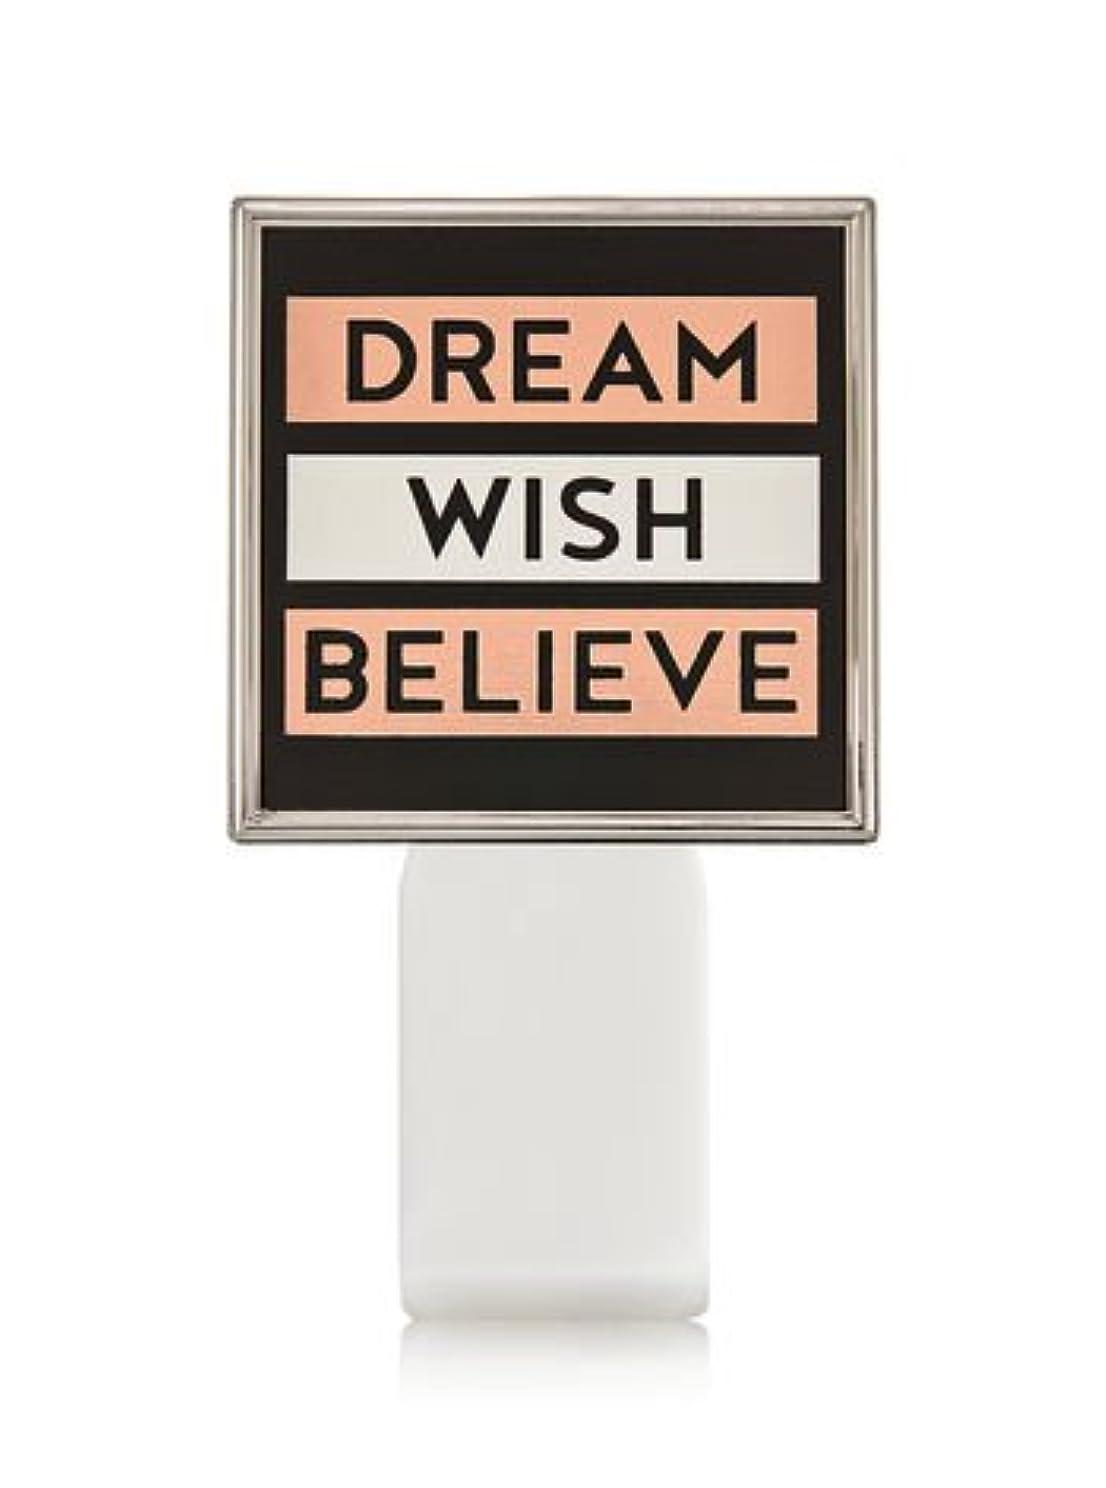 憂鬱ホーム想定【Bath&Body Works/バス&ボディワークス】 ルームフレグランス プラグインスターター (本体のみ) ドリーム ウィッシュ ビリーブ Wallflowers Fragrance Plug Dream Wish Believe [並行輸入品]